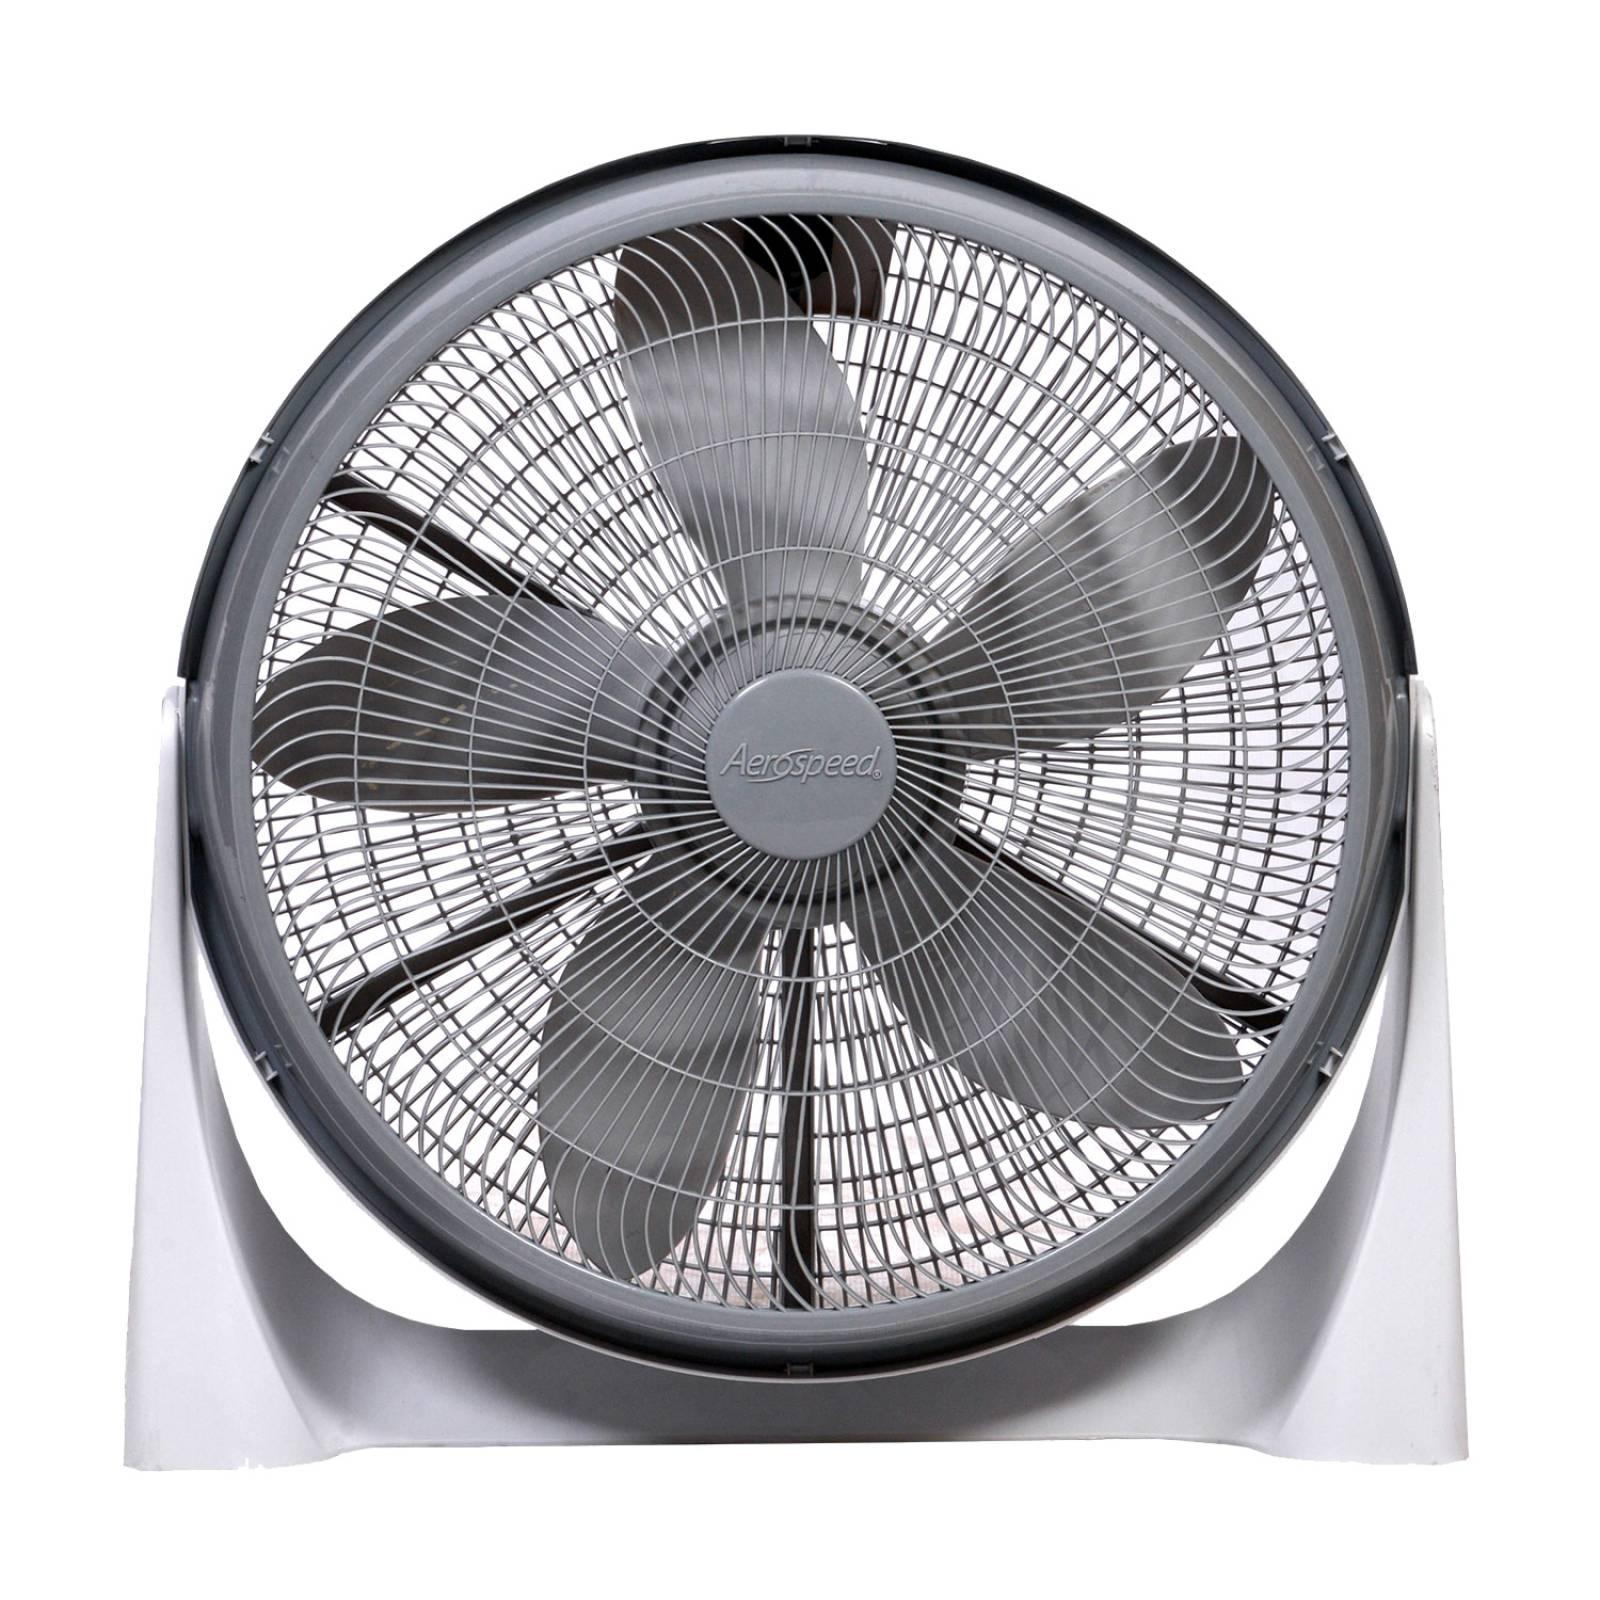 Ventilador Plastico de Piso 20 AC100 AeroSpeed